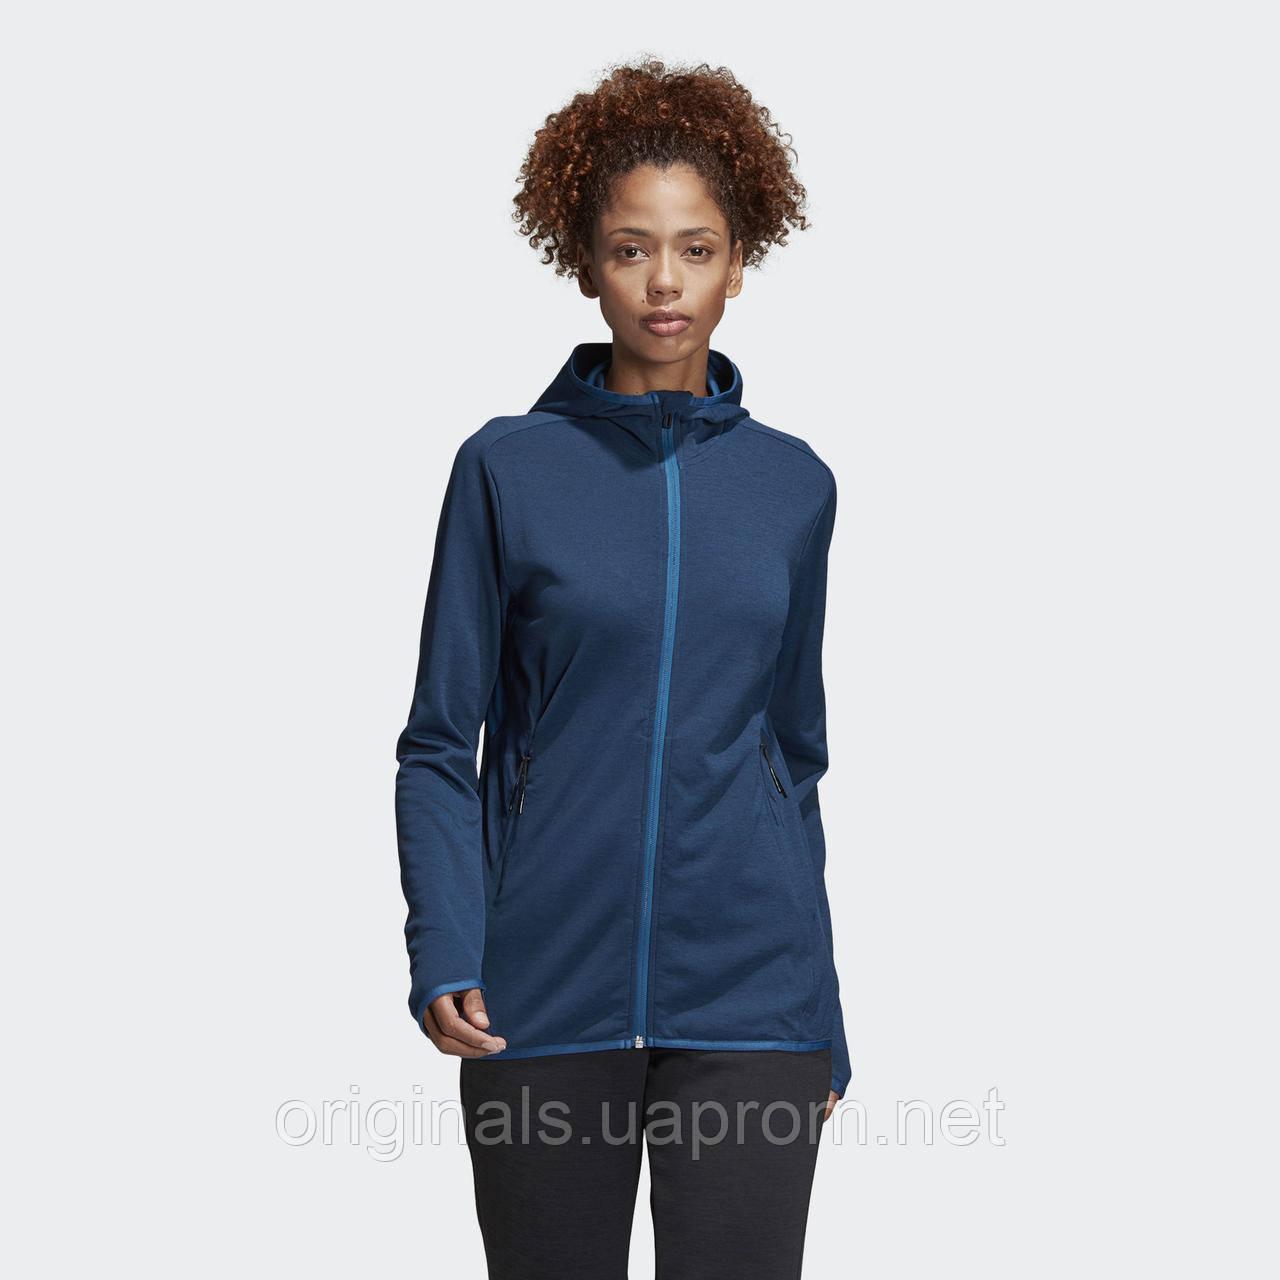 Женская толстовка Adidas Climacool DQ3346